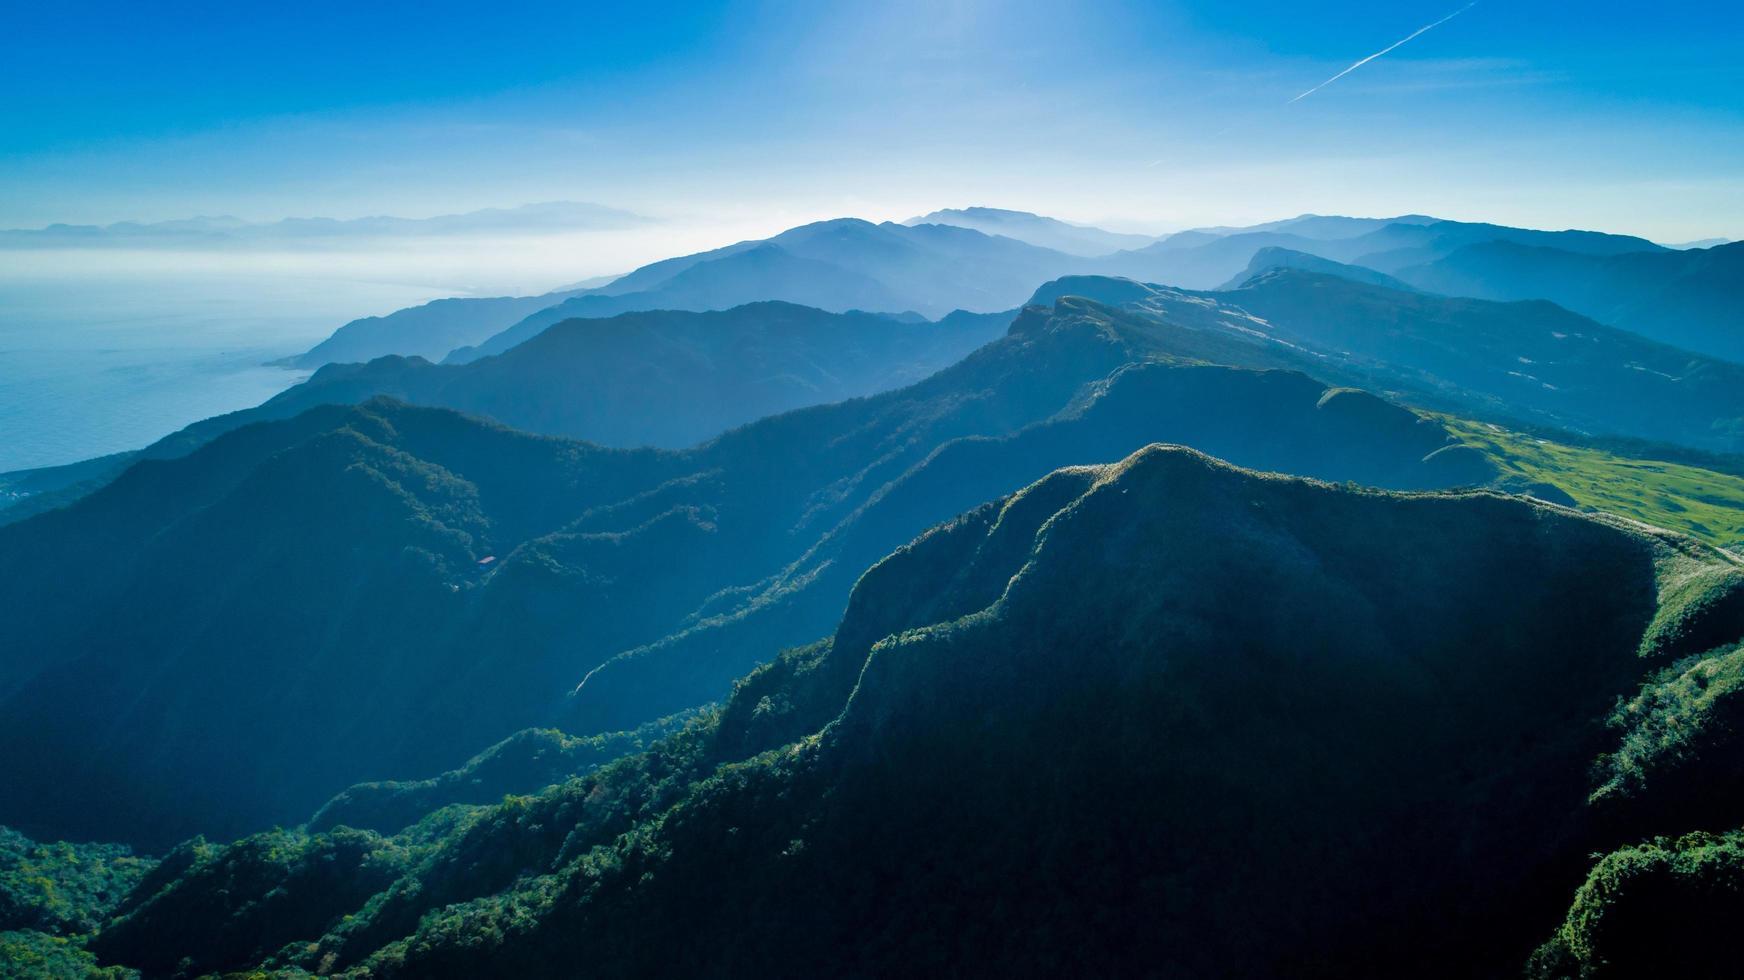 Foggy mountains and a blue sky photo